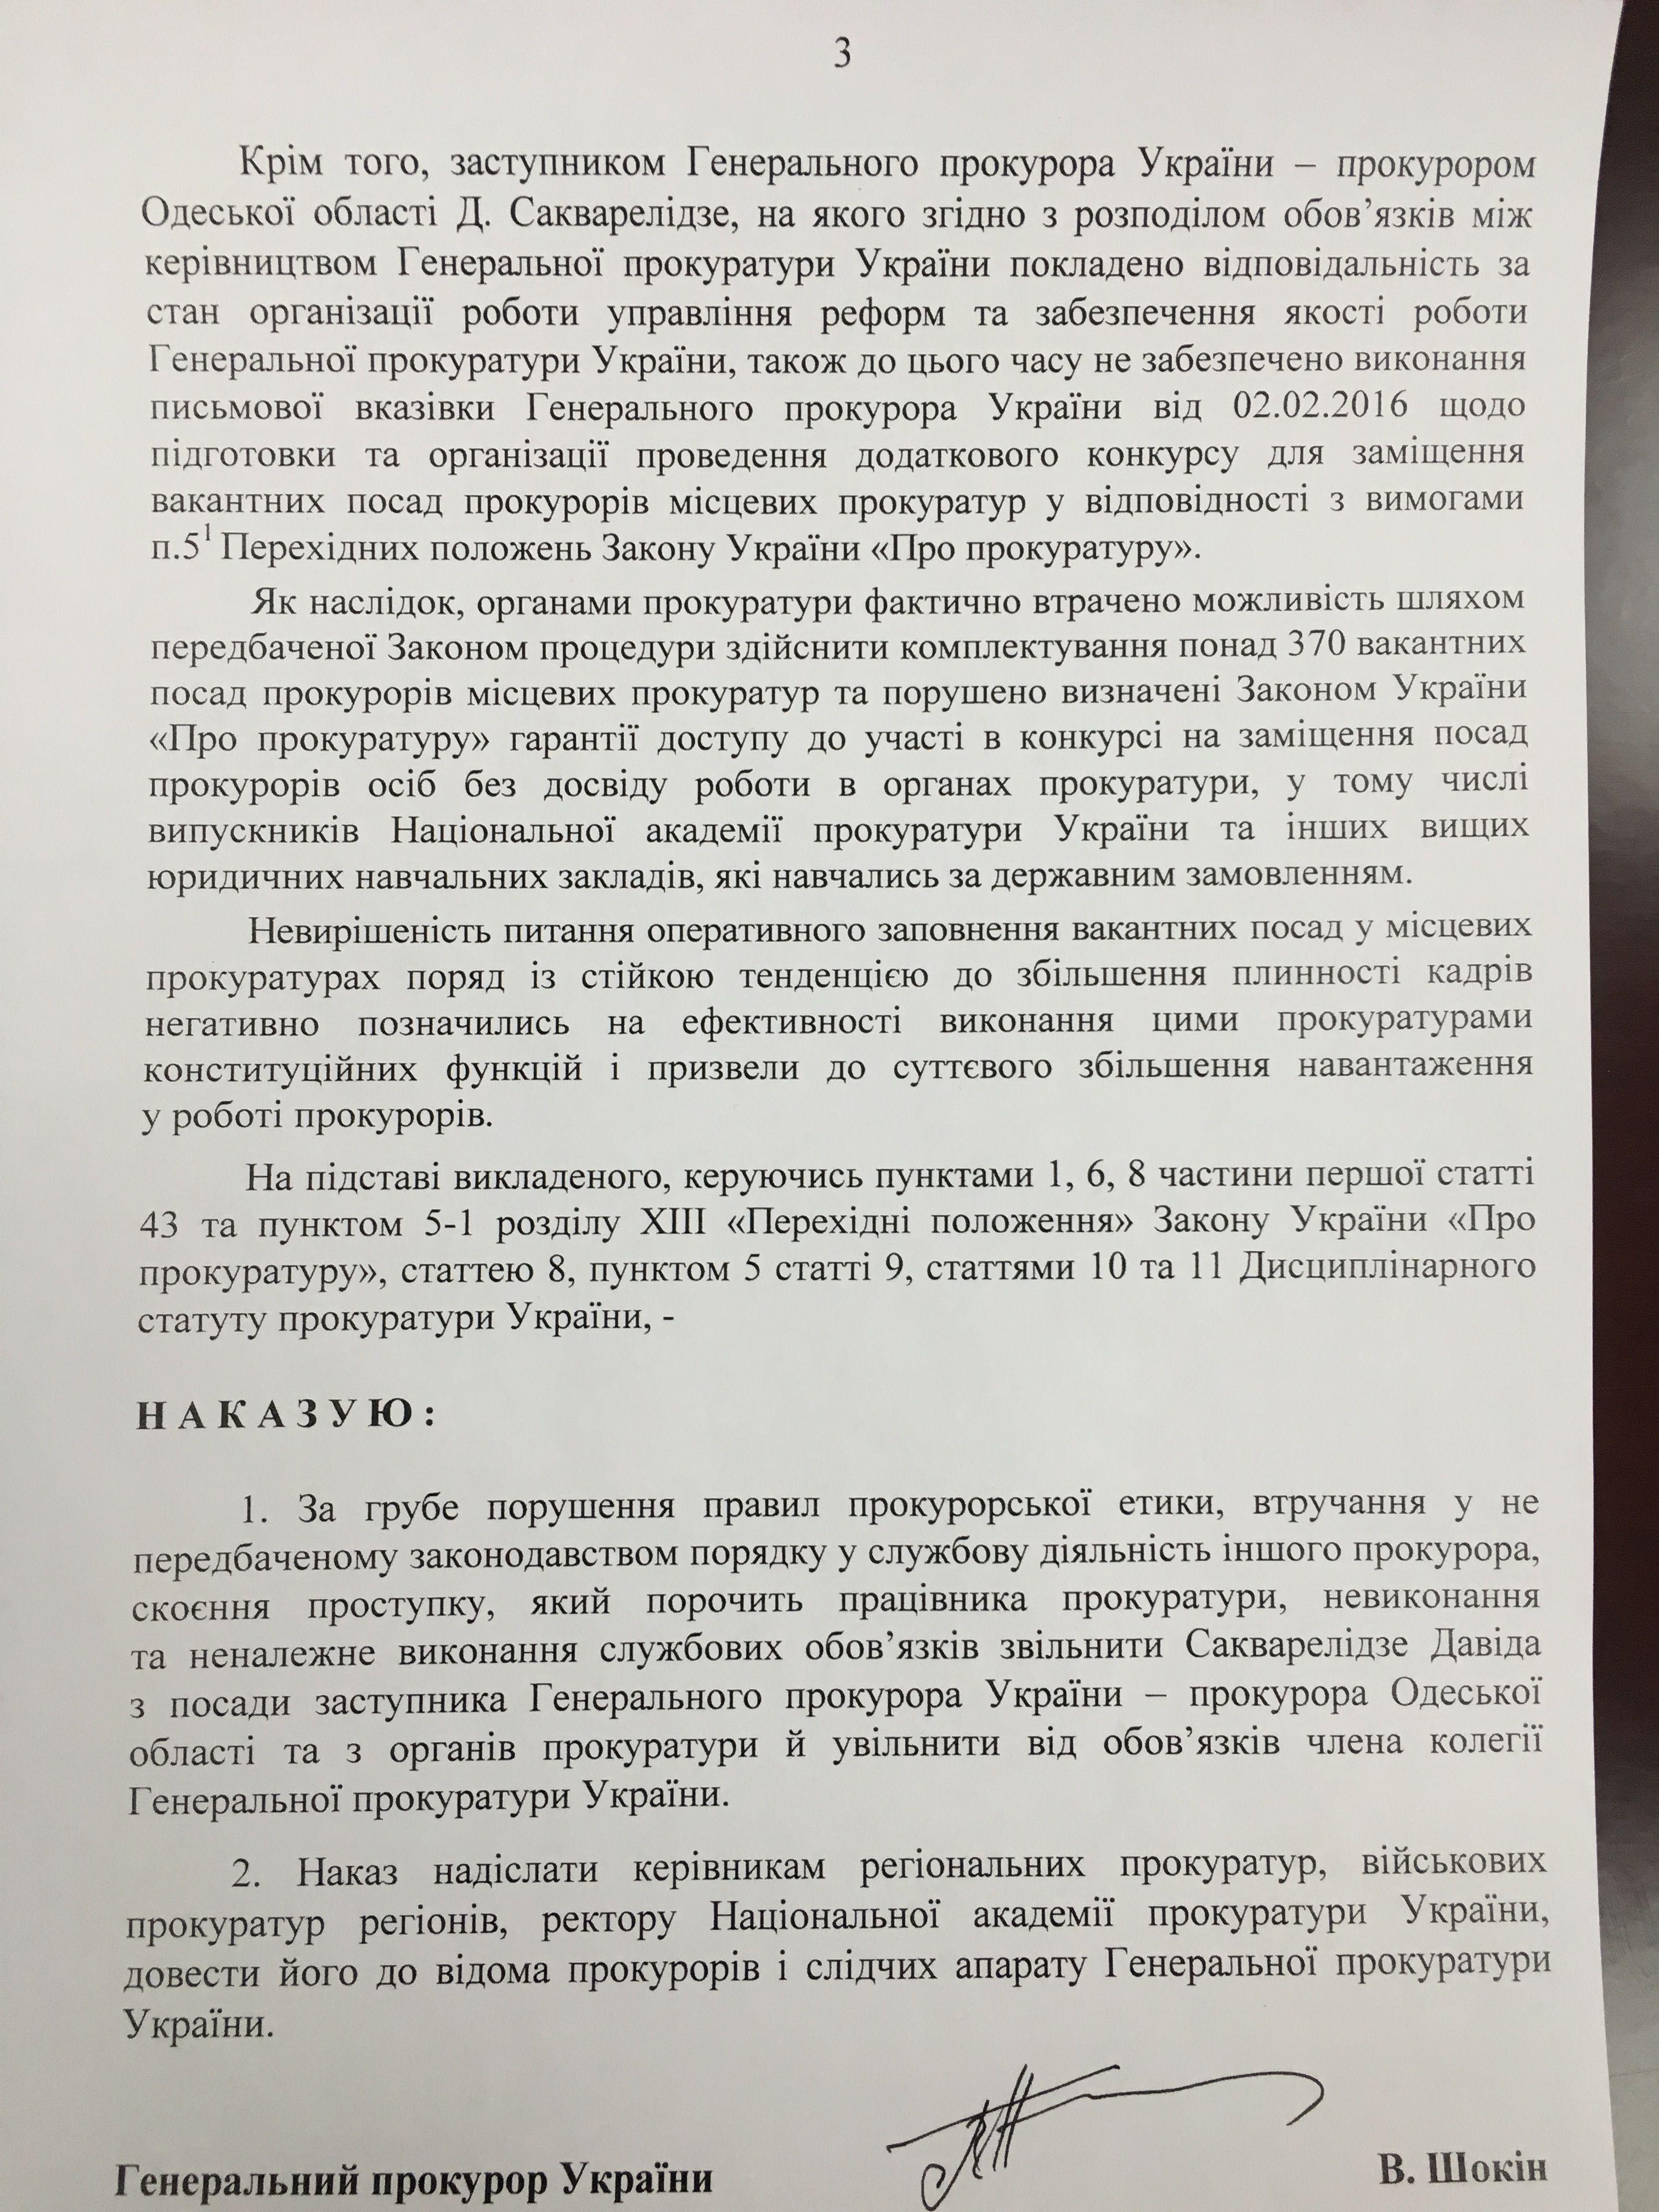 Шокін звільнив Сакваралідзе (ДОКУМЕНТ) - фото 5